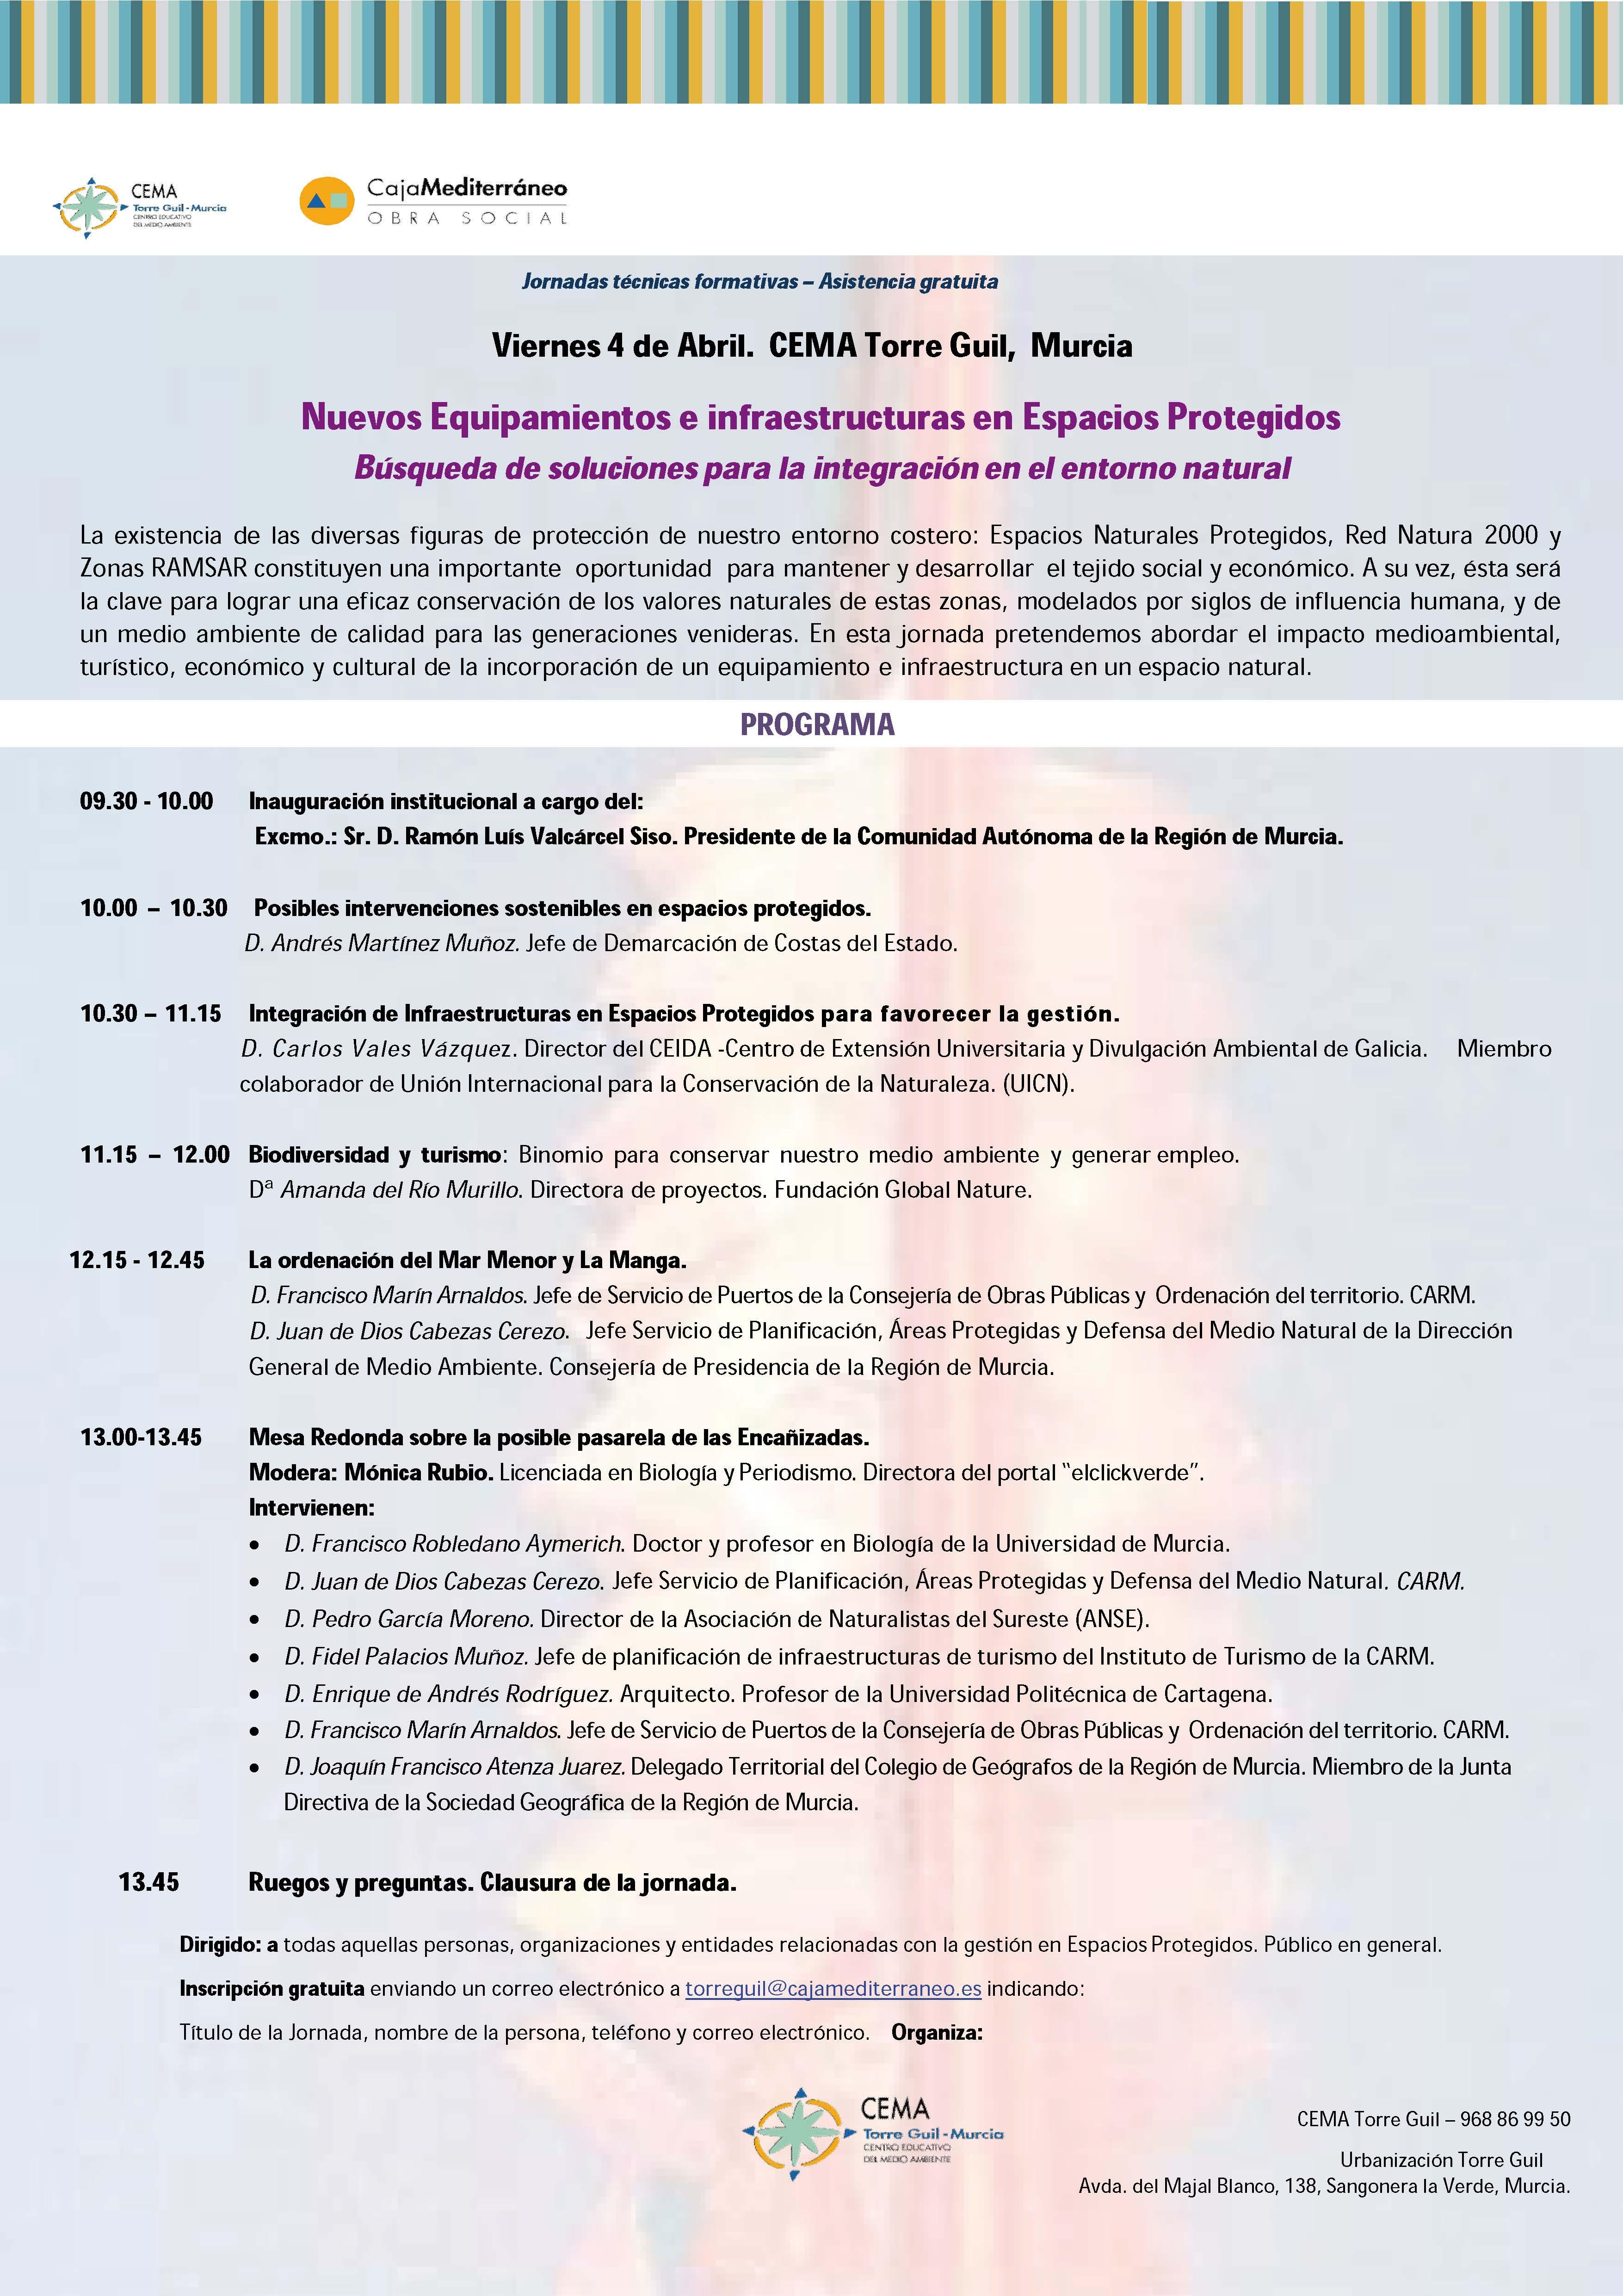 Programa de las Jornadas sobre Infraestructuras en Espacios Protegidos